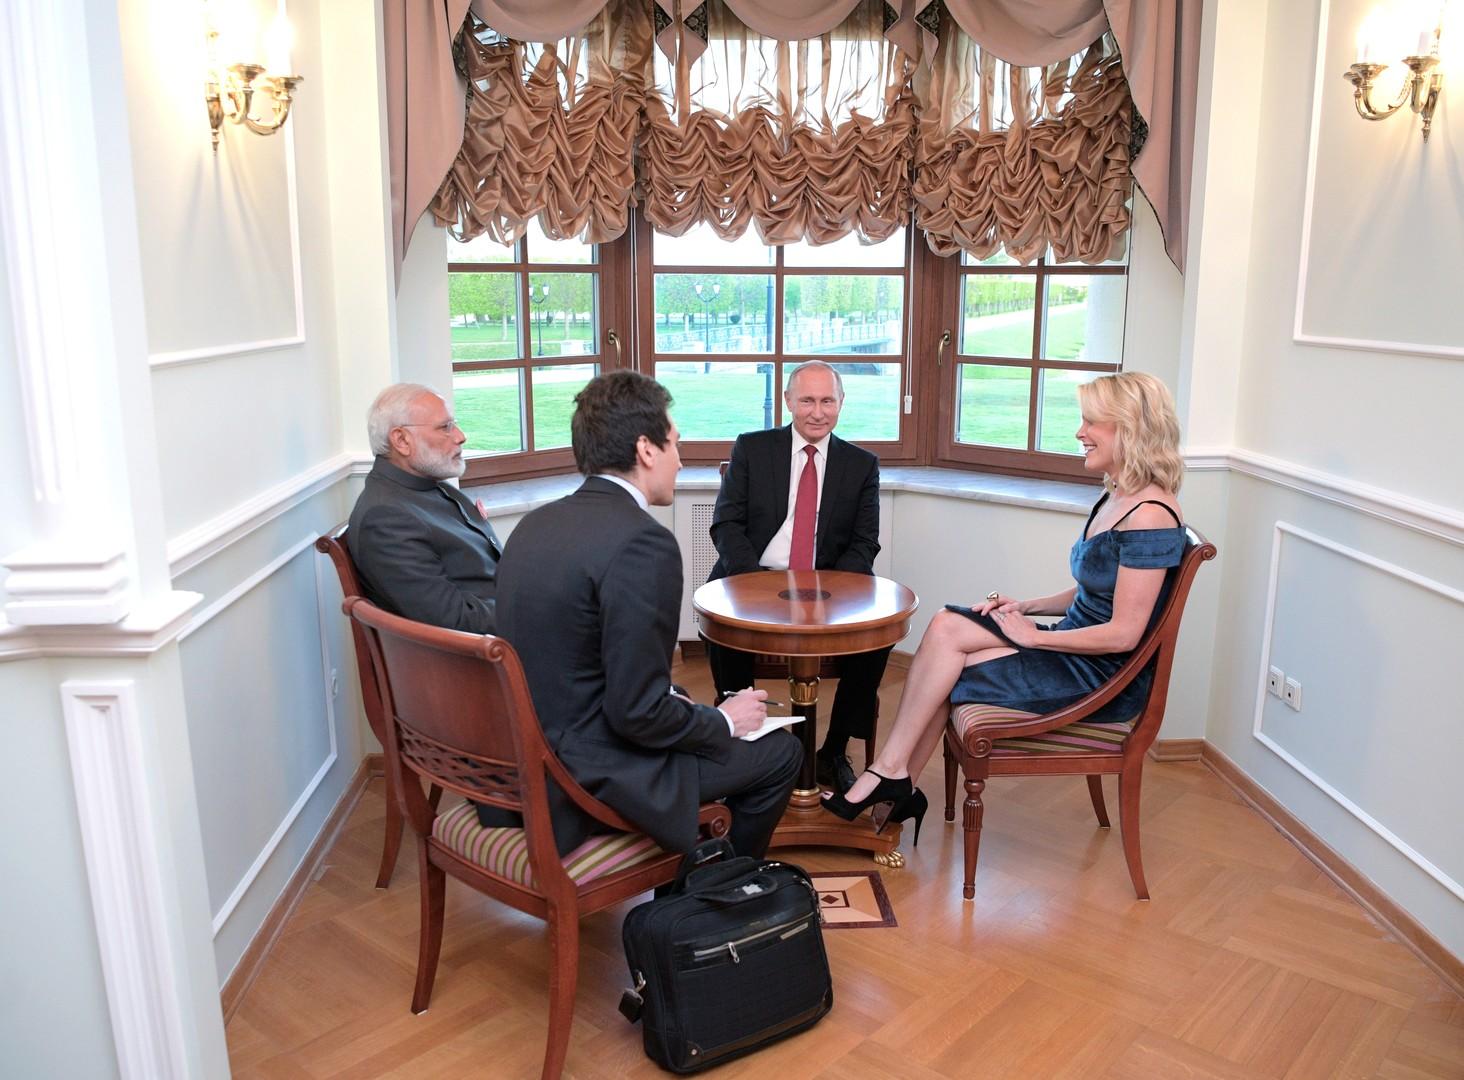 """Putin zu NBC-Journalistin Kelly: """"Ich habe viel engere Beziehungen zu Ihnen als zu Flynn"""""""